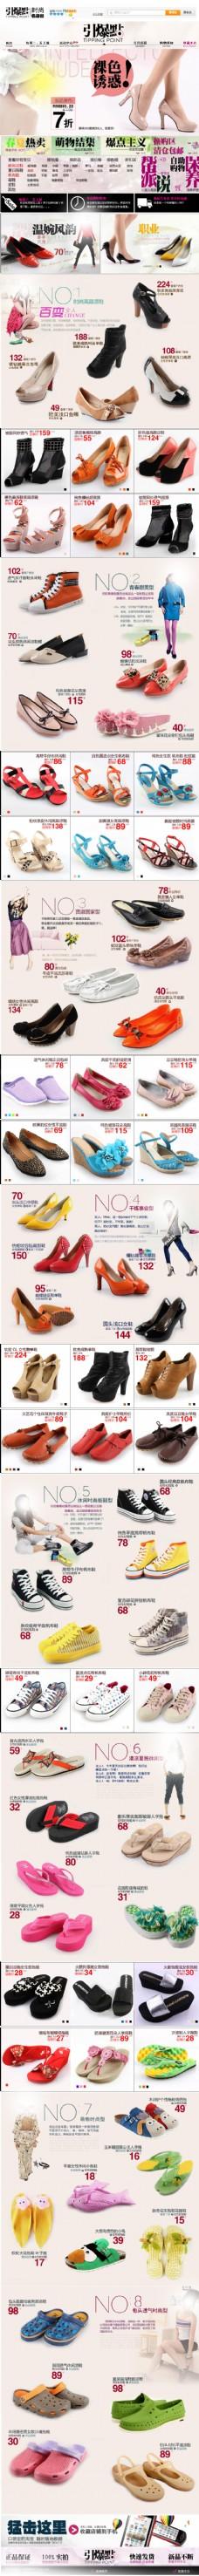 女鞋店铺装修